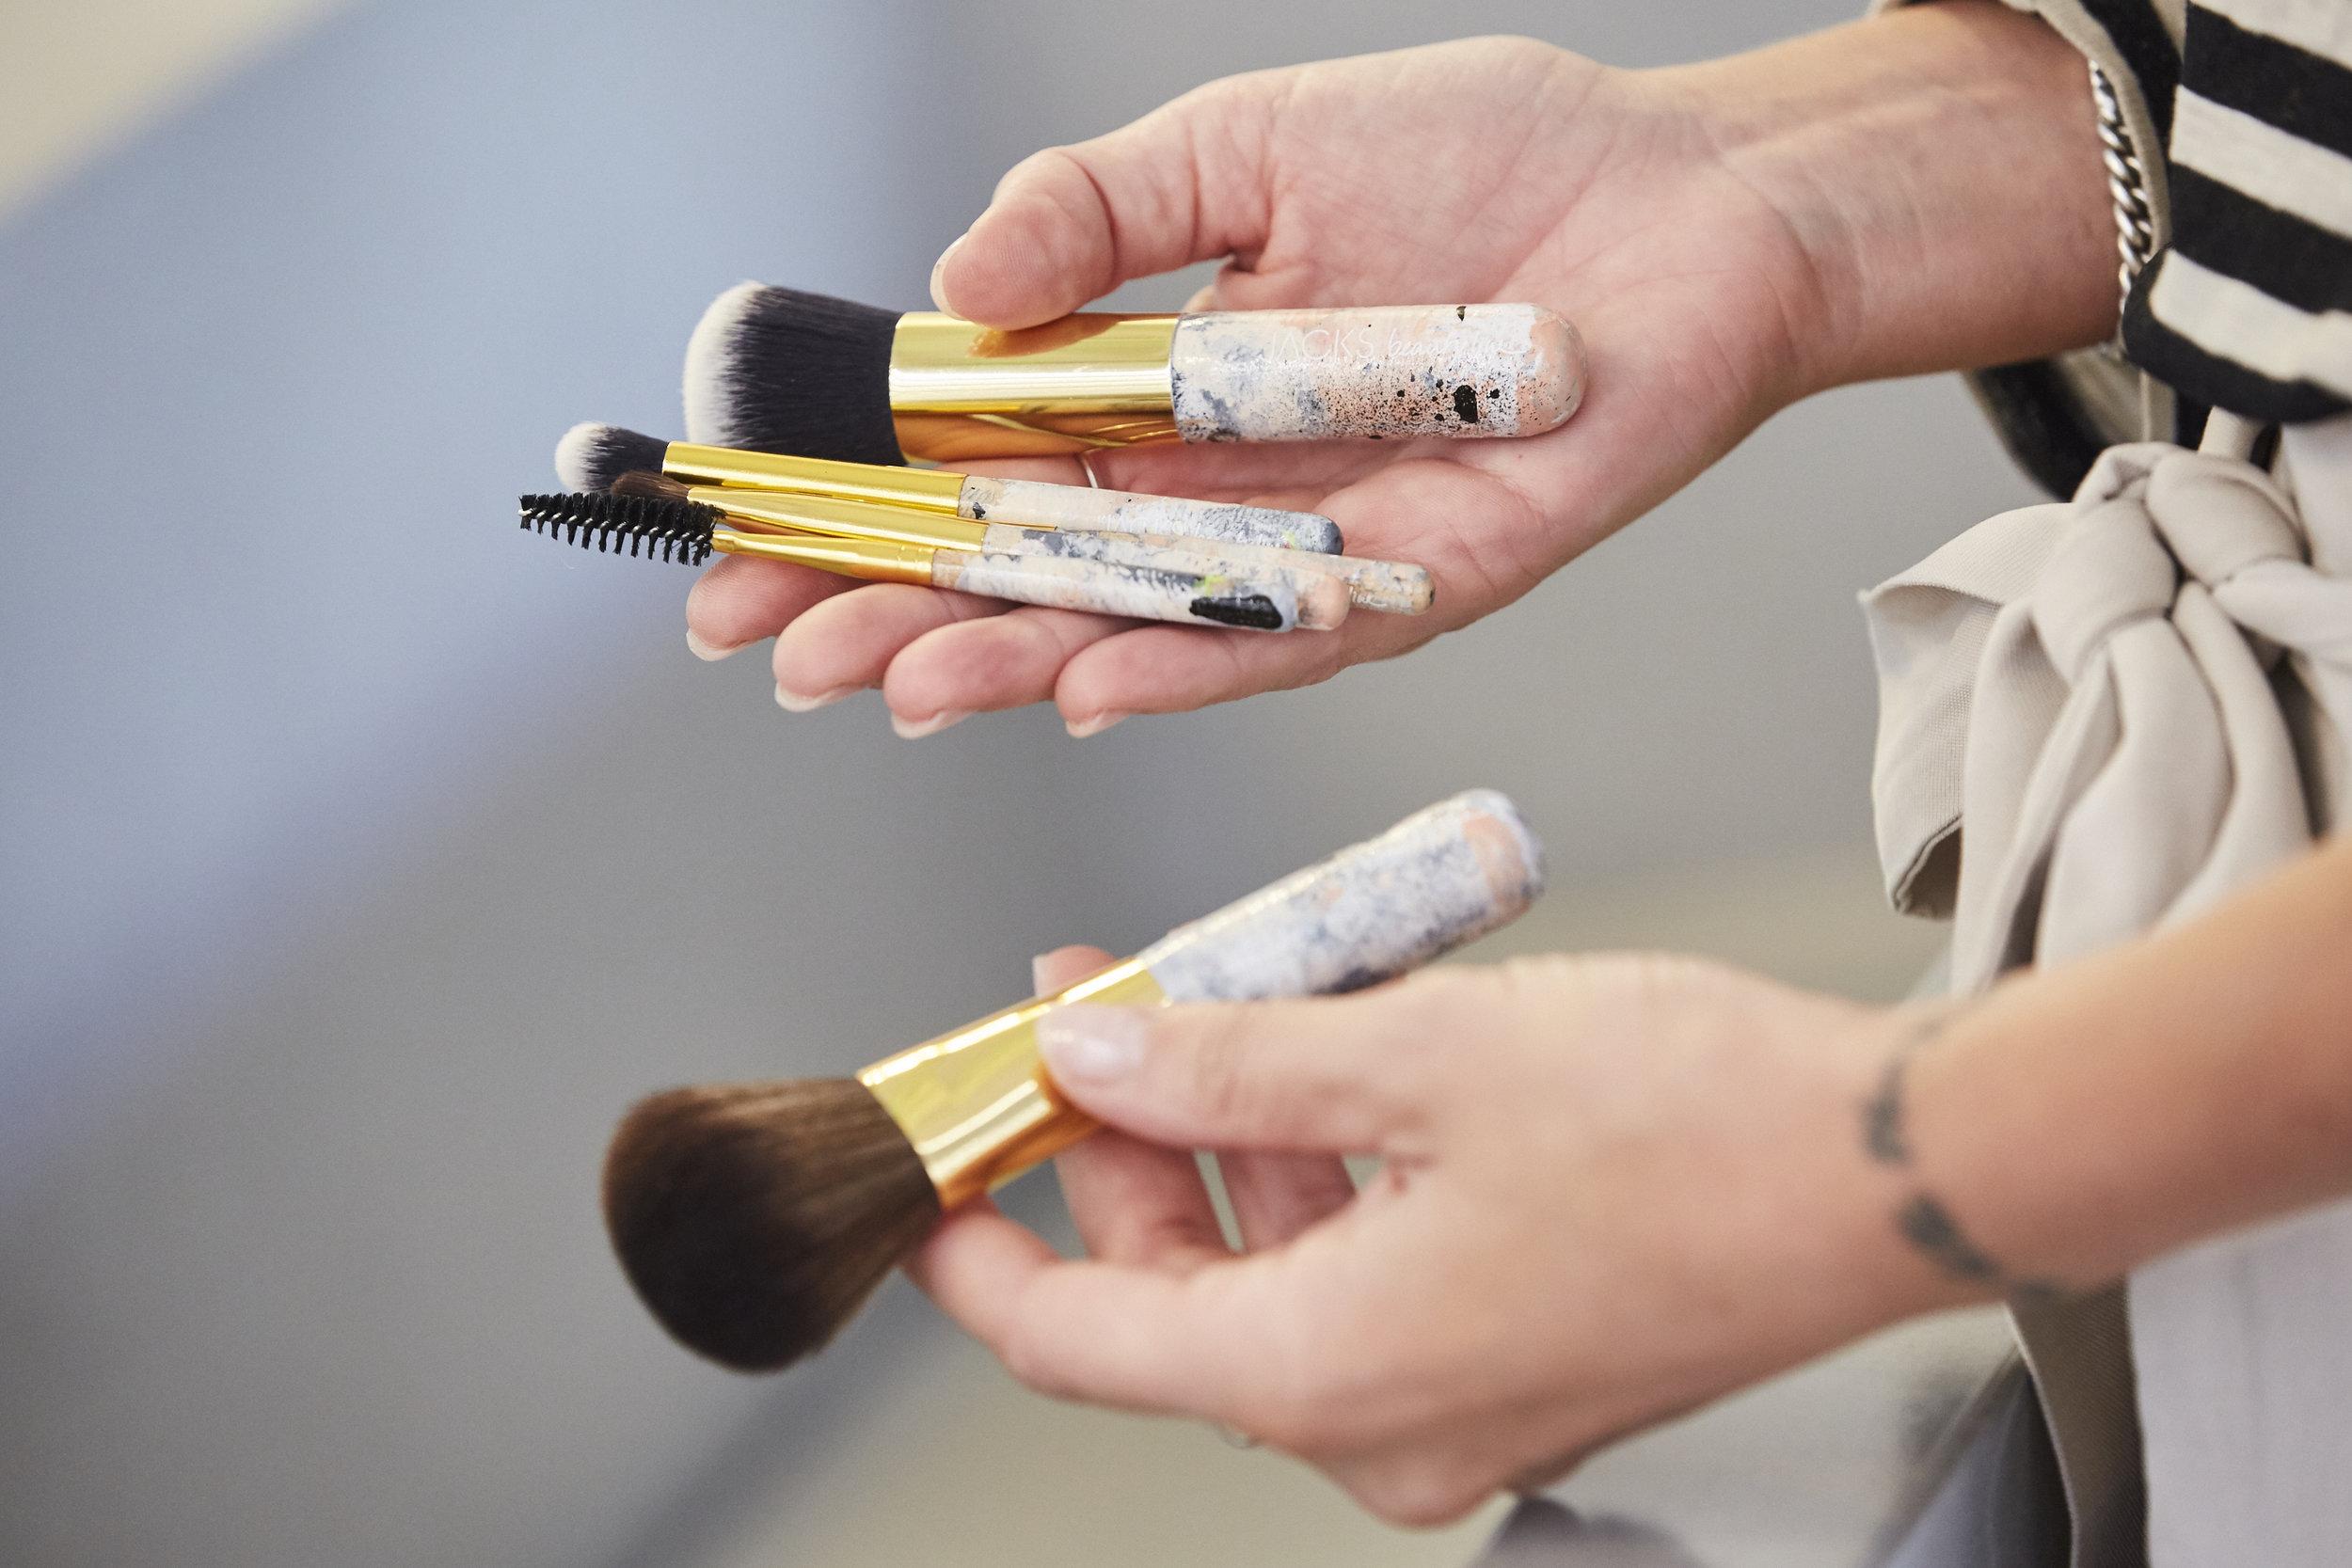 """BEAUTY TIPPso reinigst du deine kosmetikpinsel - In letzter Zeit wird mir vermehrt die Frage gestellt: """"Wie bekomme ich meine Schminkpinsel eigentlich richtig sauber?"""" oder """"Wie oft soll ich meine Pinsel waschen?"""" Daher ist es höchste Zeit einen weiteren Artikel über PINSEL-HYGIENE zu veröffentlichen!LOS GEHT'S"""